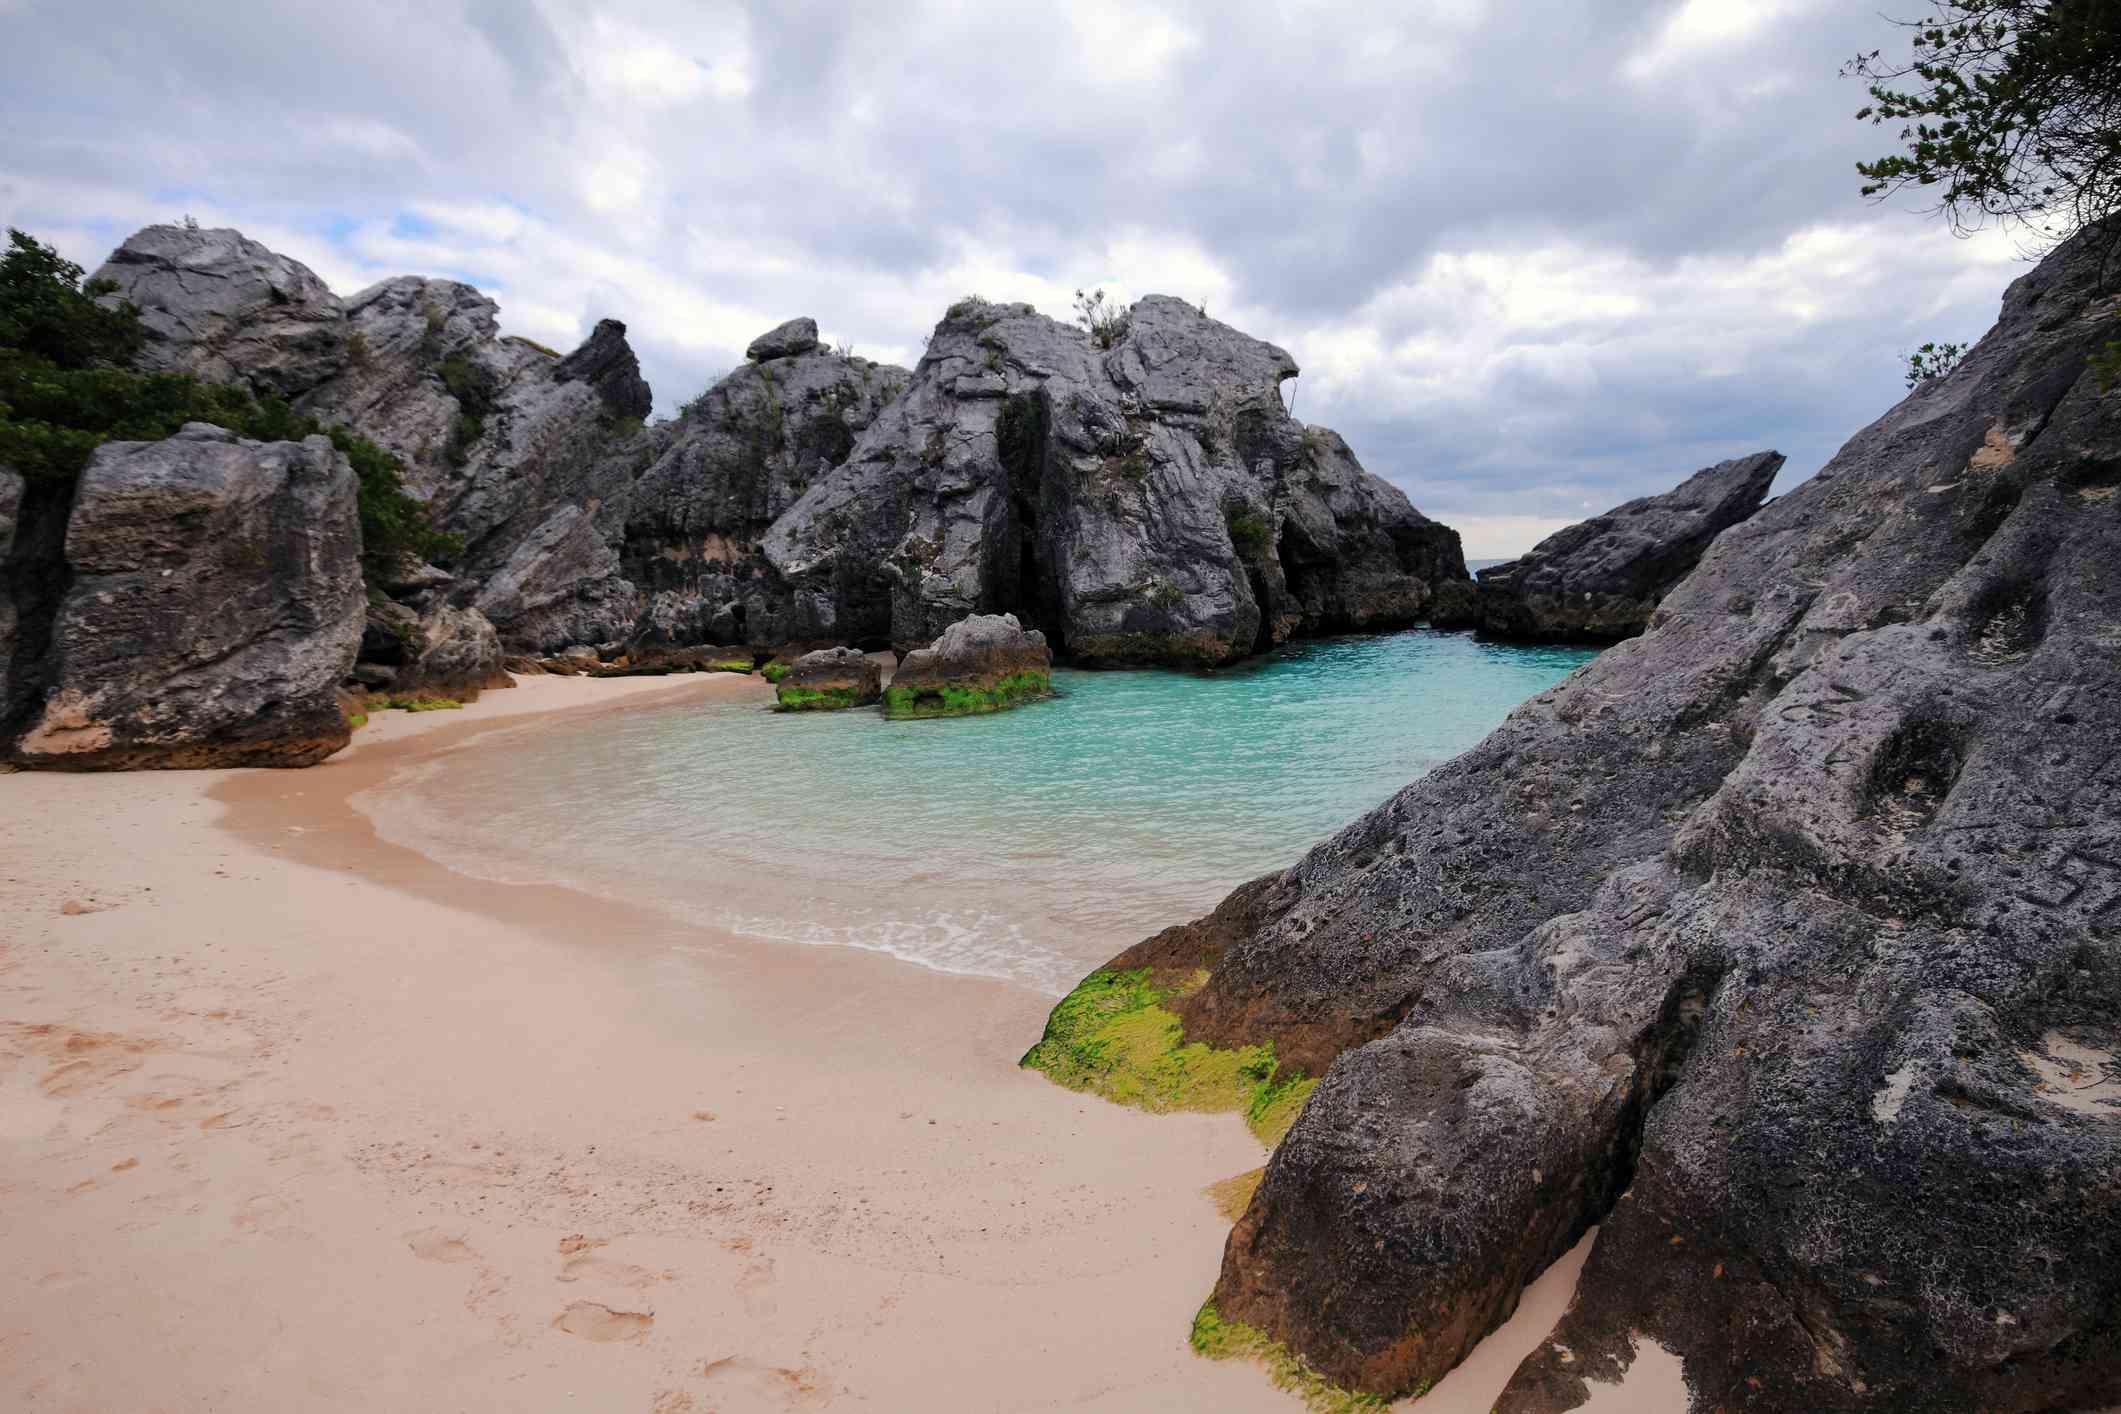 Jobsons Cove